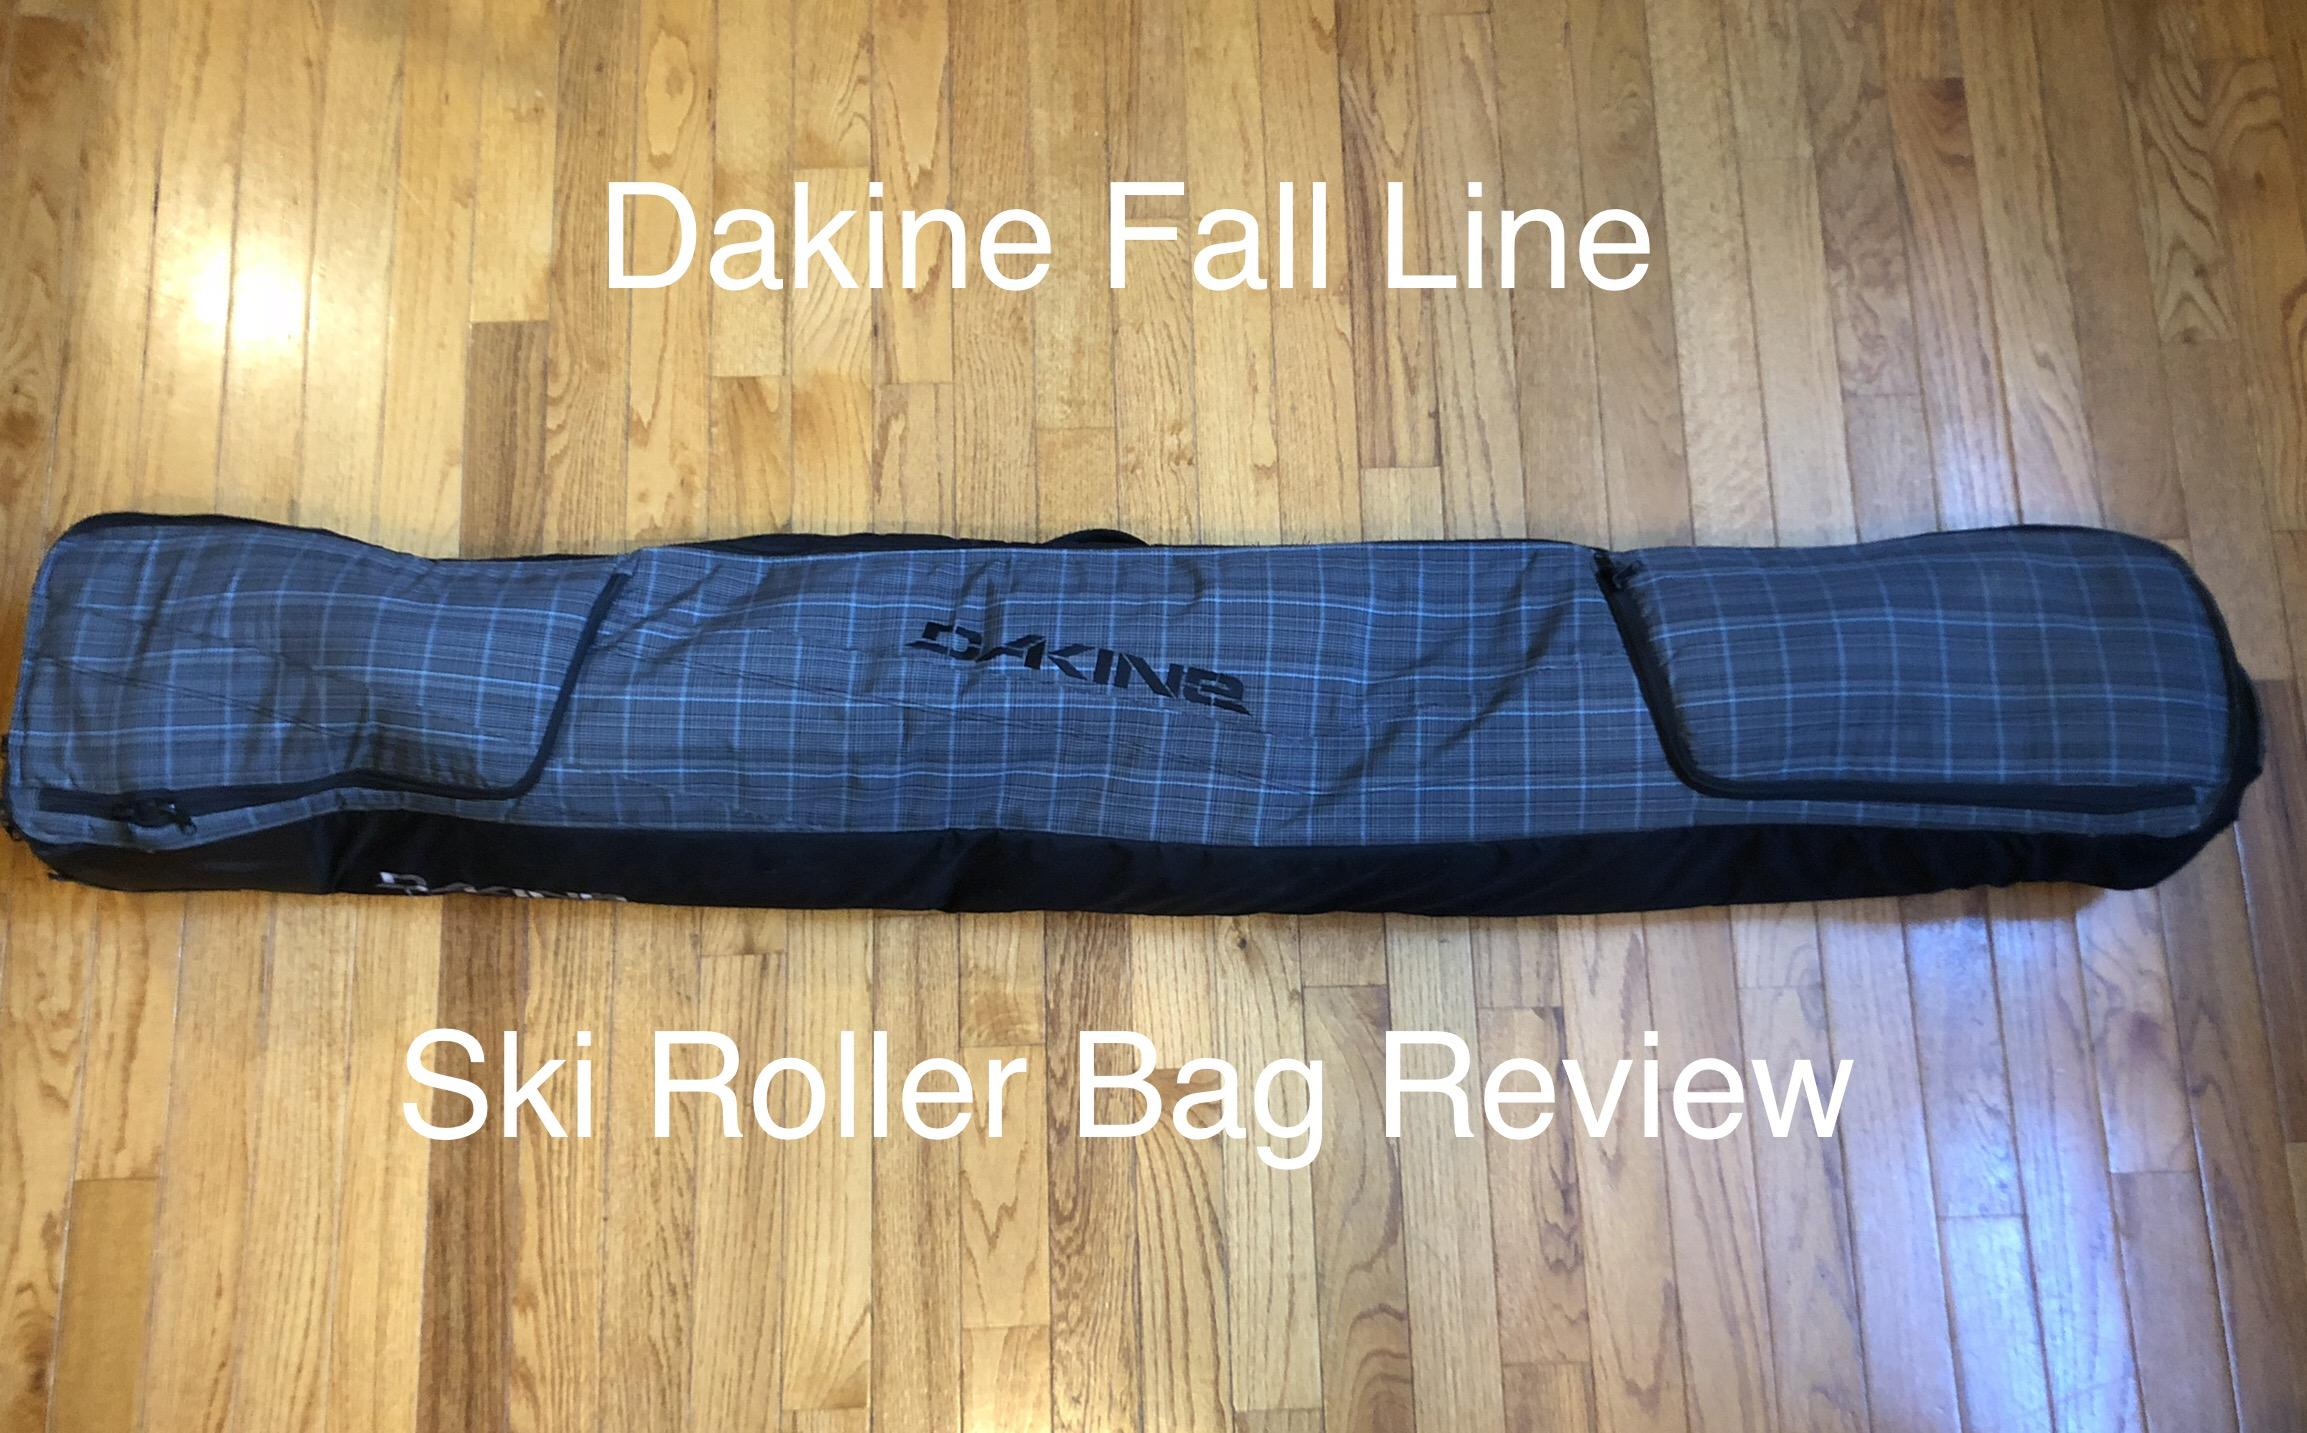 Dakine Fall Line Ski Roller Bag Review